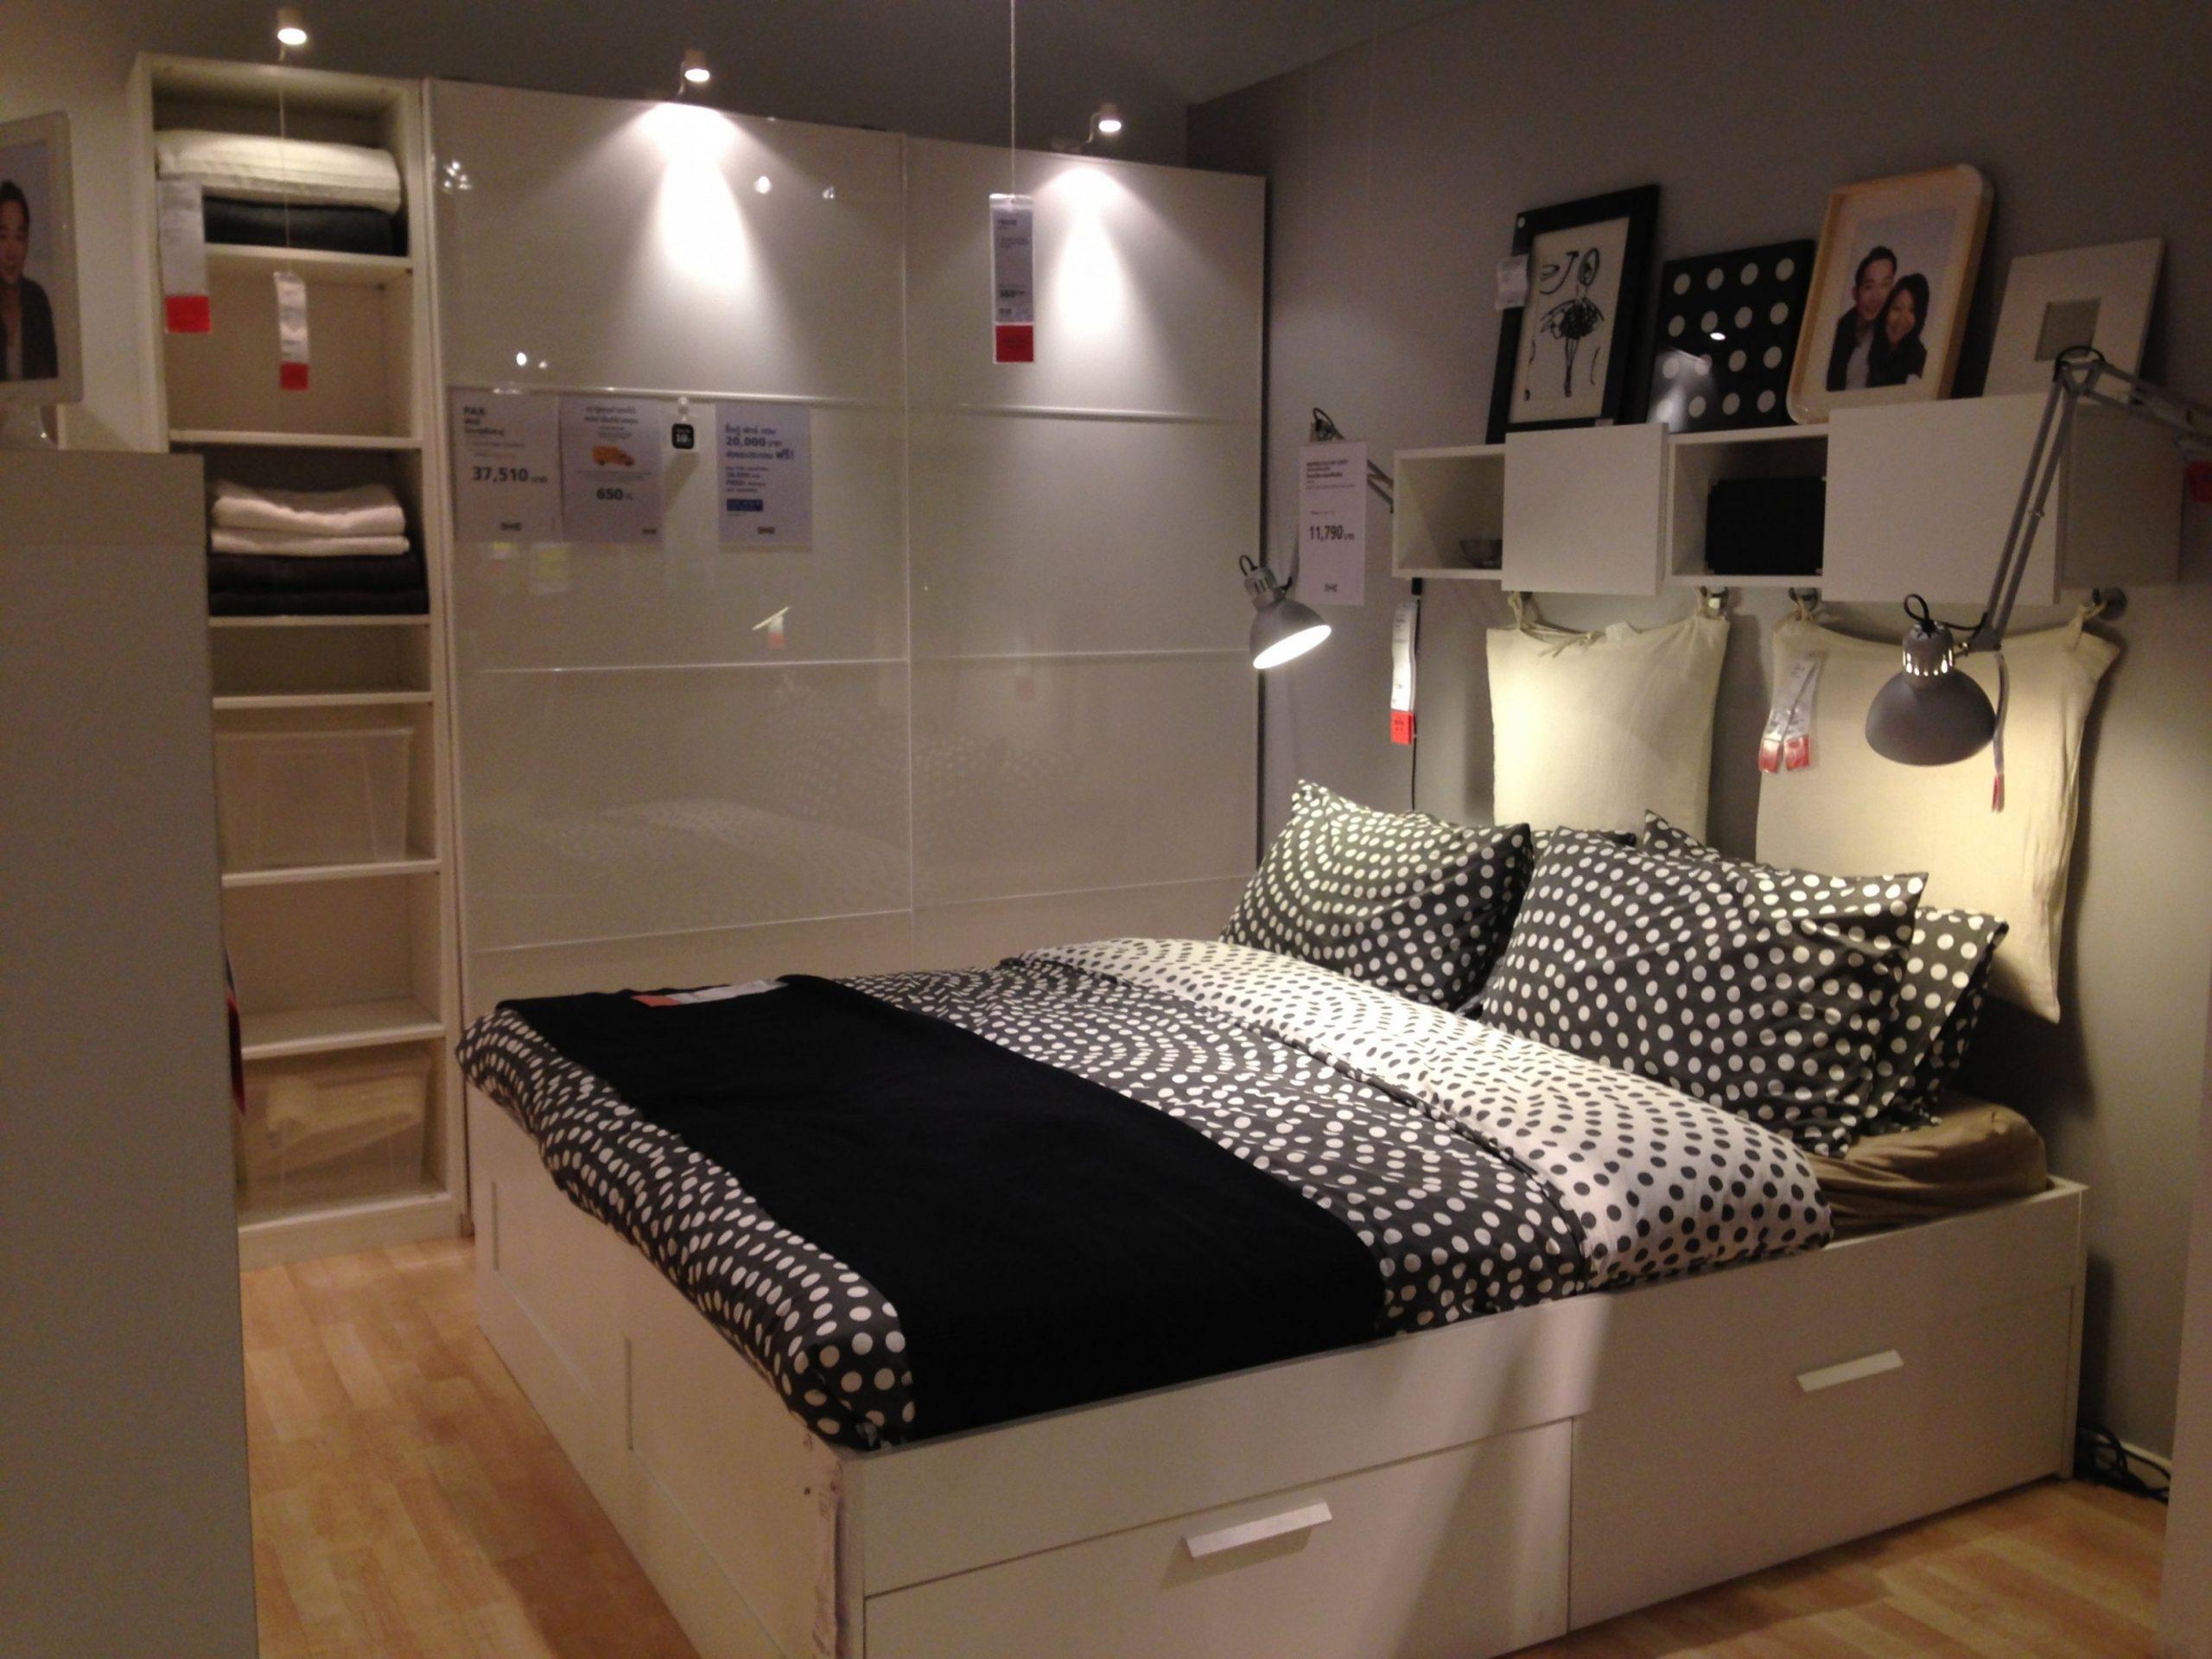 Showroom Bedroom at iKea  Ikea showroom, Ikea bedroom, Ikea  - Bedroom Ideas Ikea